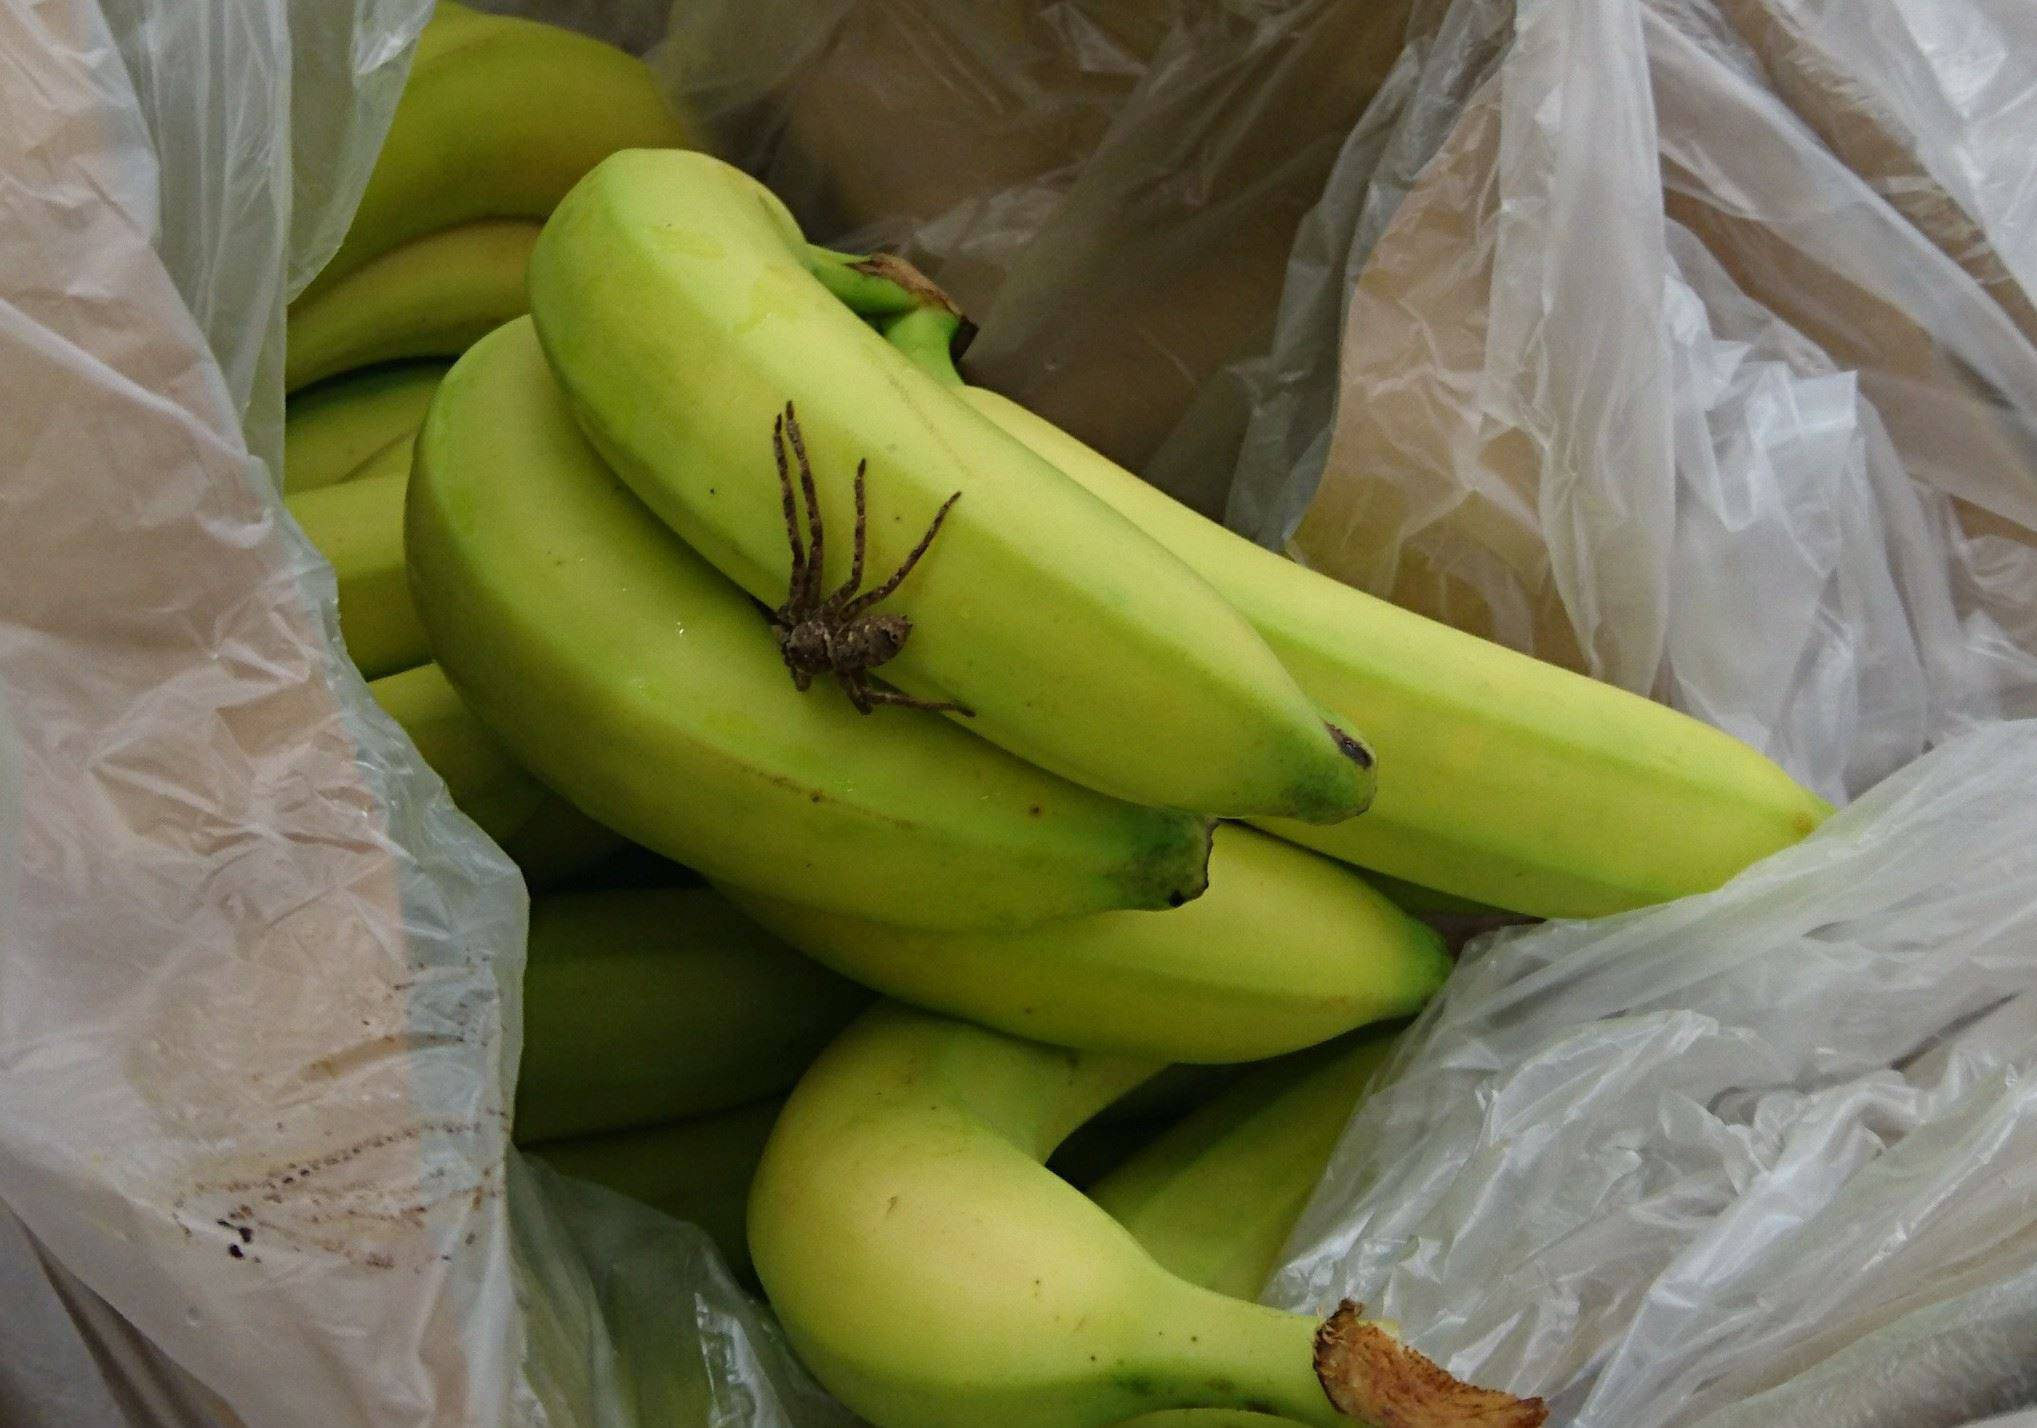 Pająk Znaleziony W Bananach W Auchan Lublin Zdjęcia